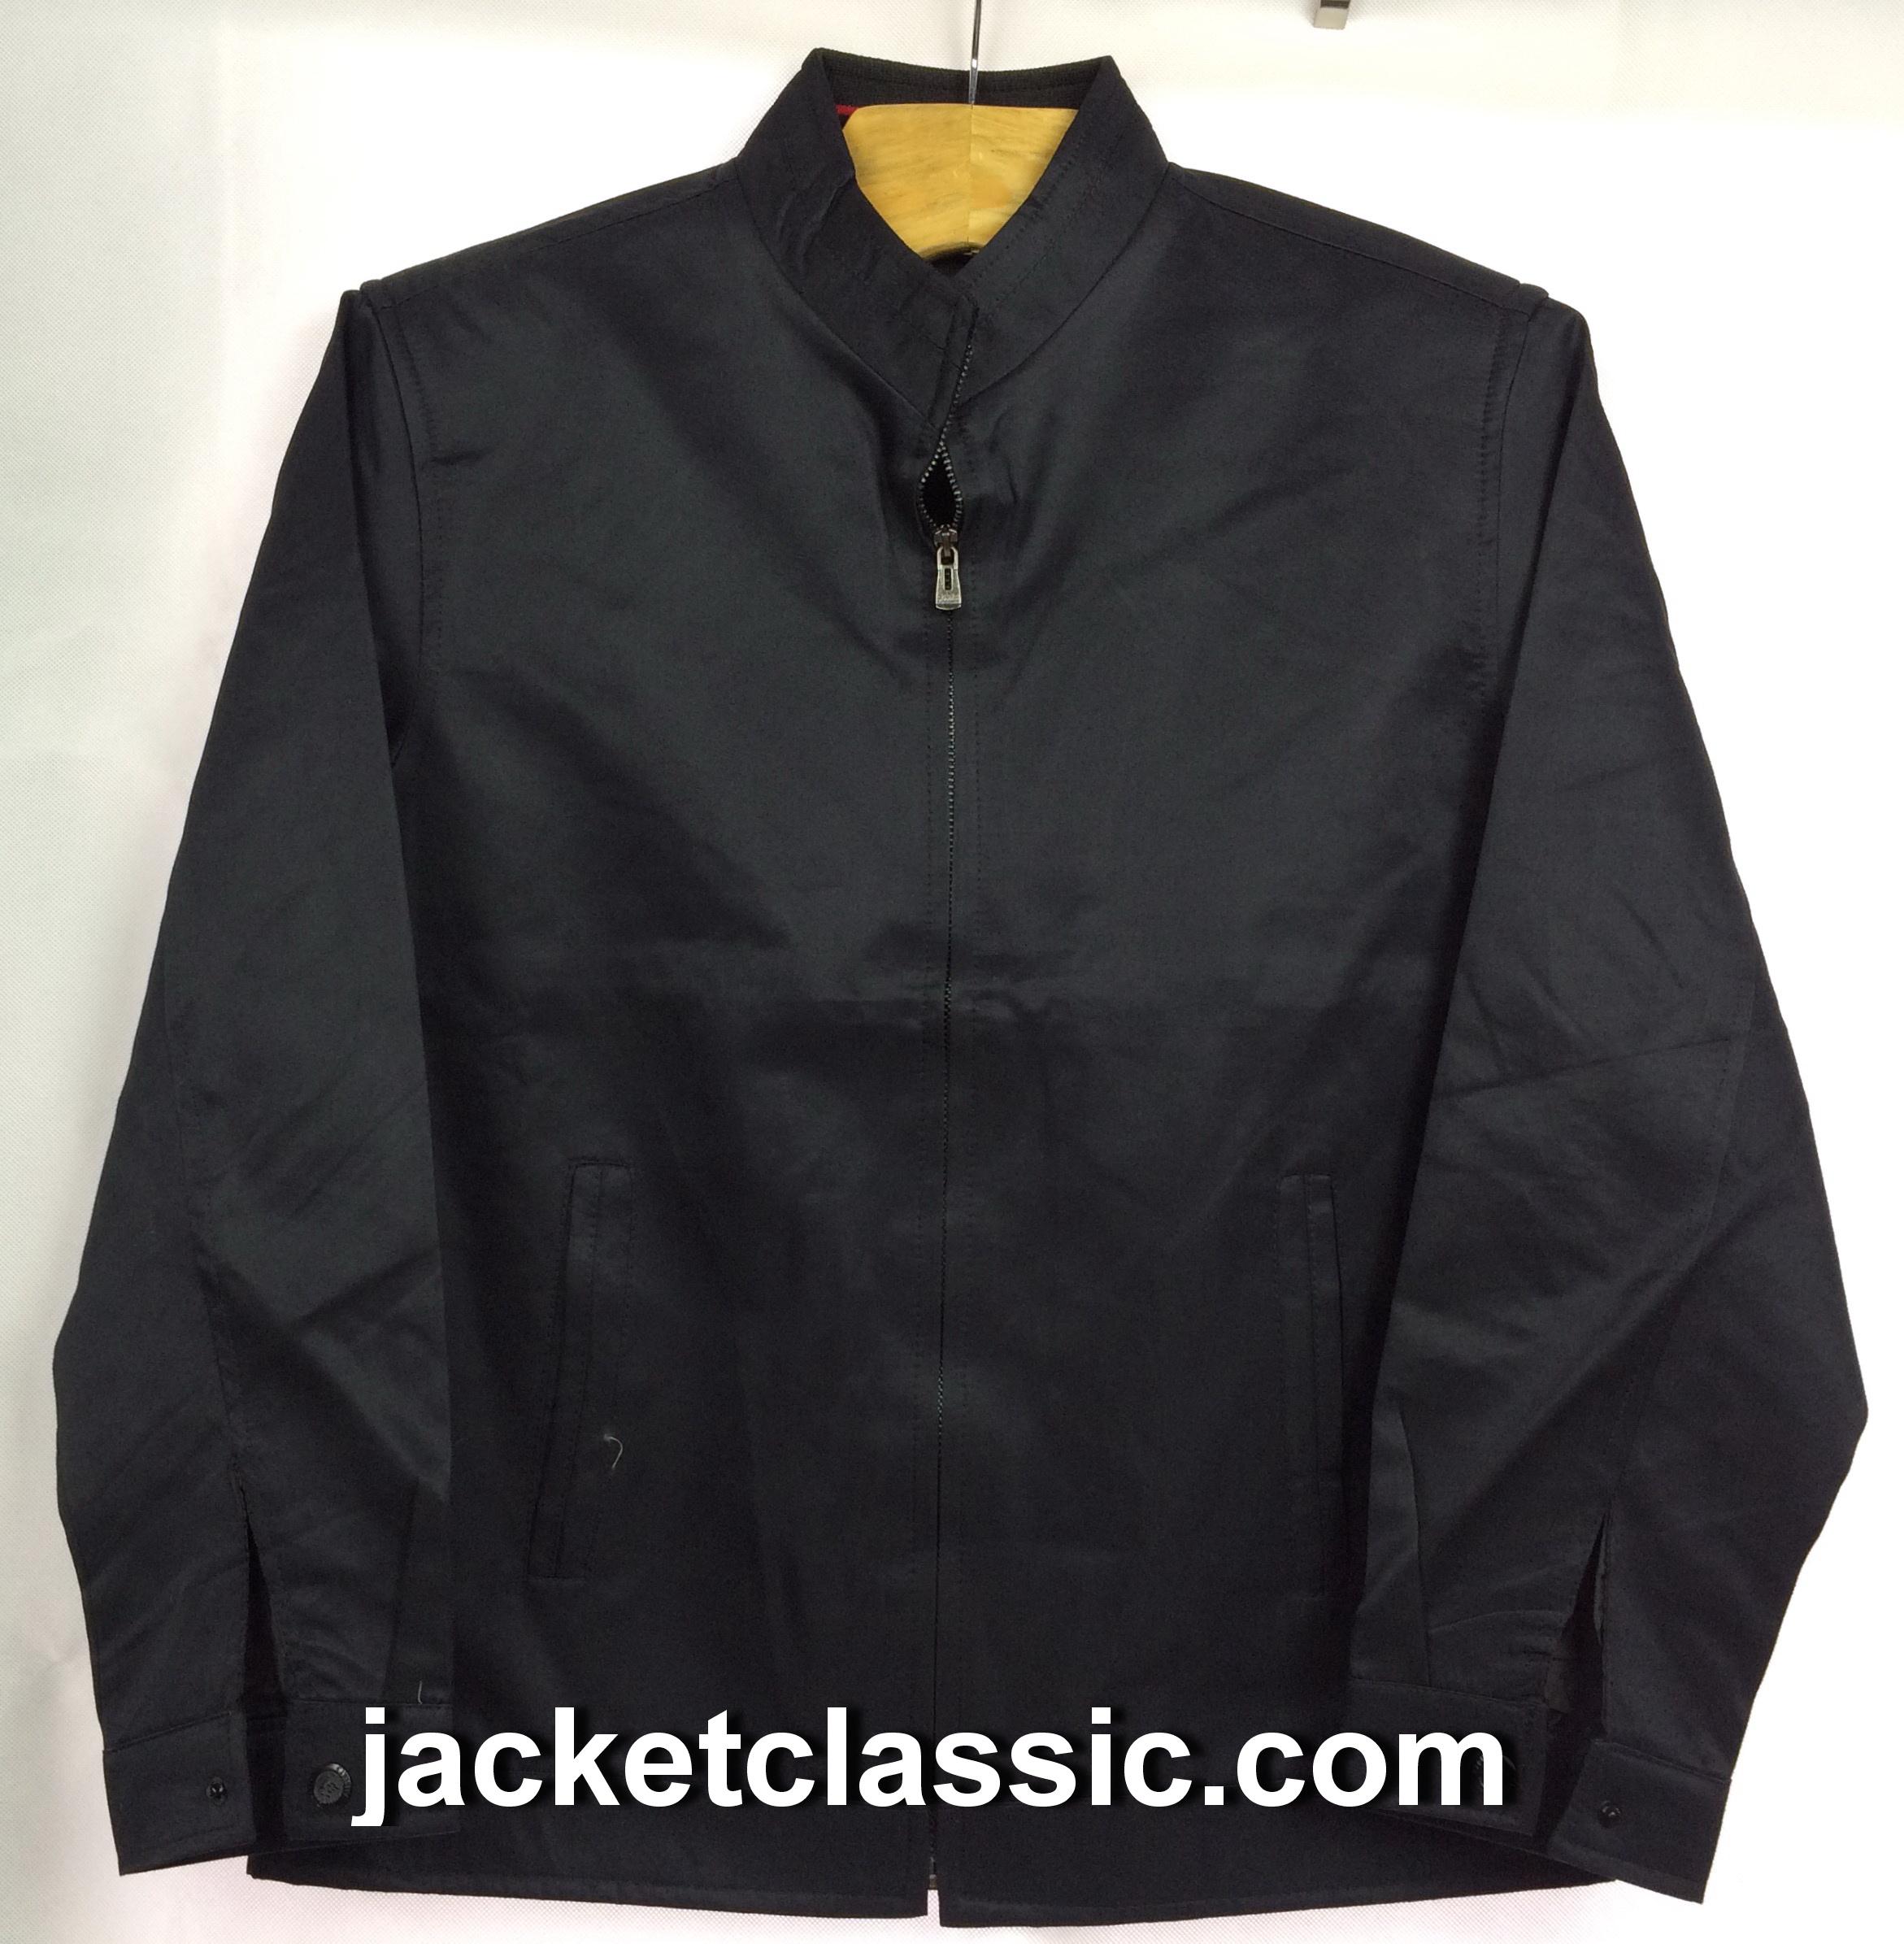 เสื้อแจ็กเก็ต xinyu คอจีนสีดำ ส่งฟรี